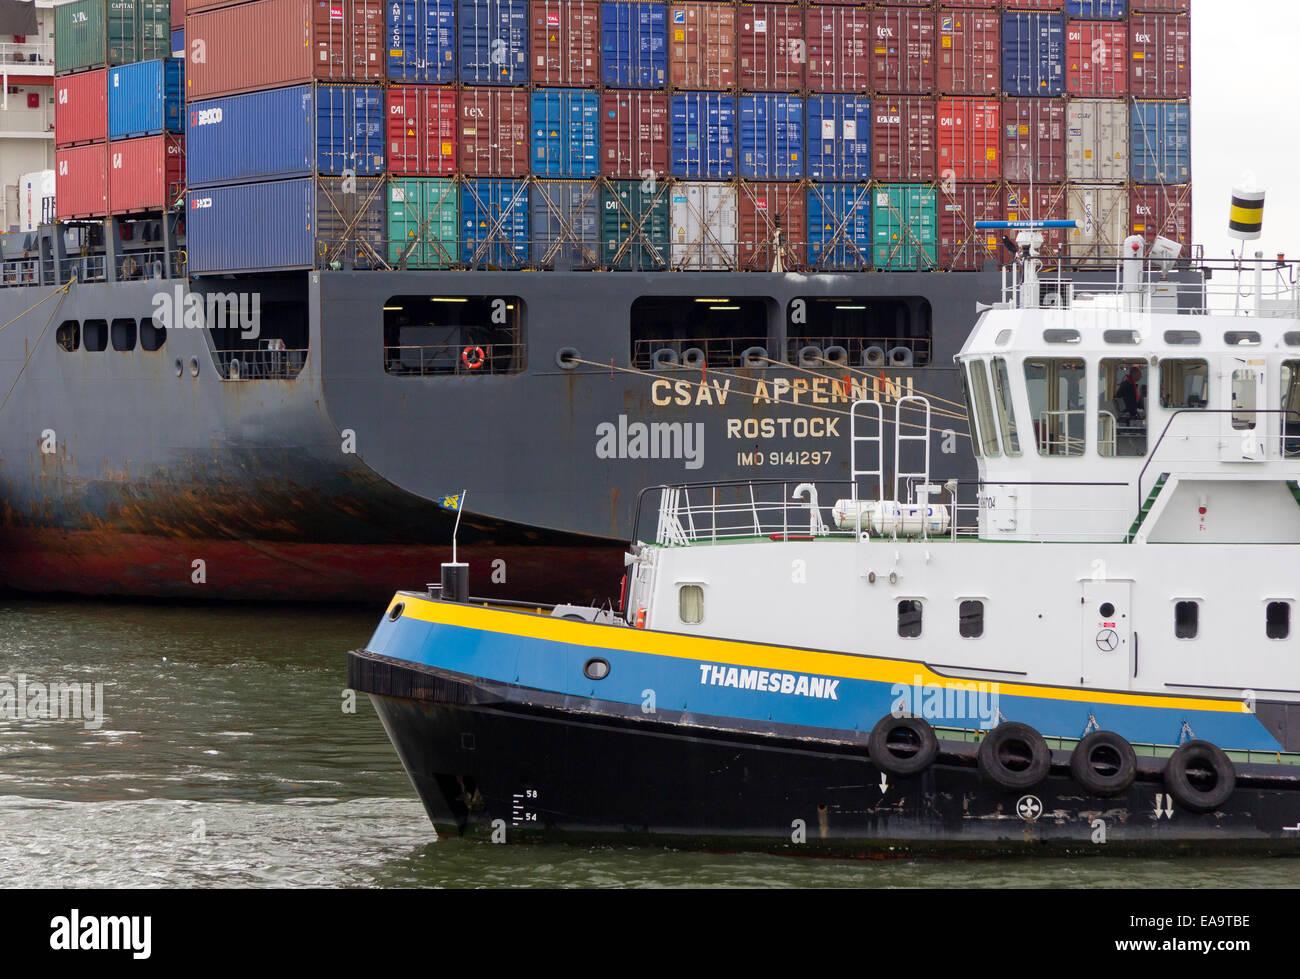 Schiffscontainer Größe stapel schiffscontainern aufgetürmt auf einem containerschiff im